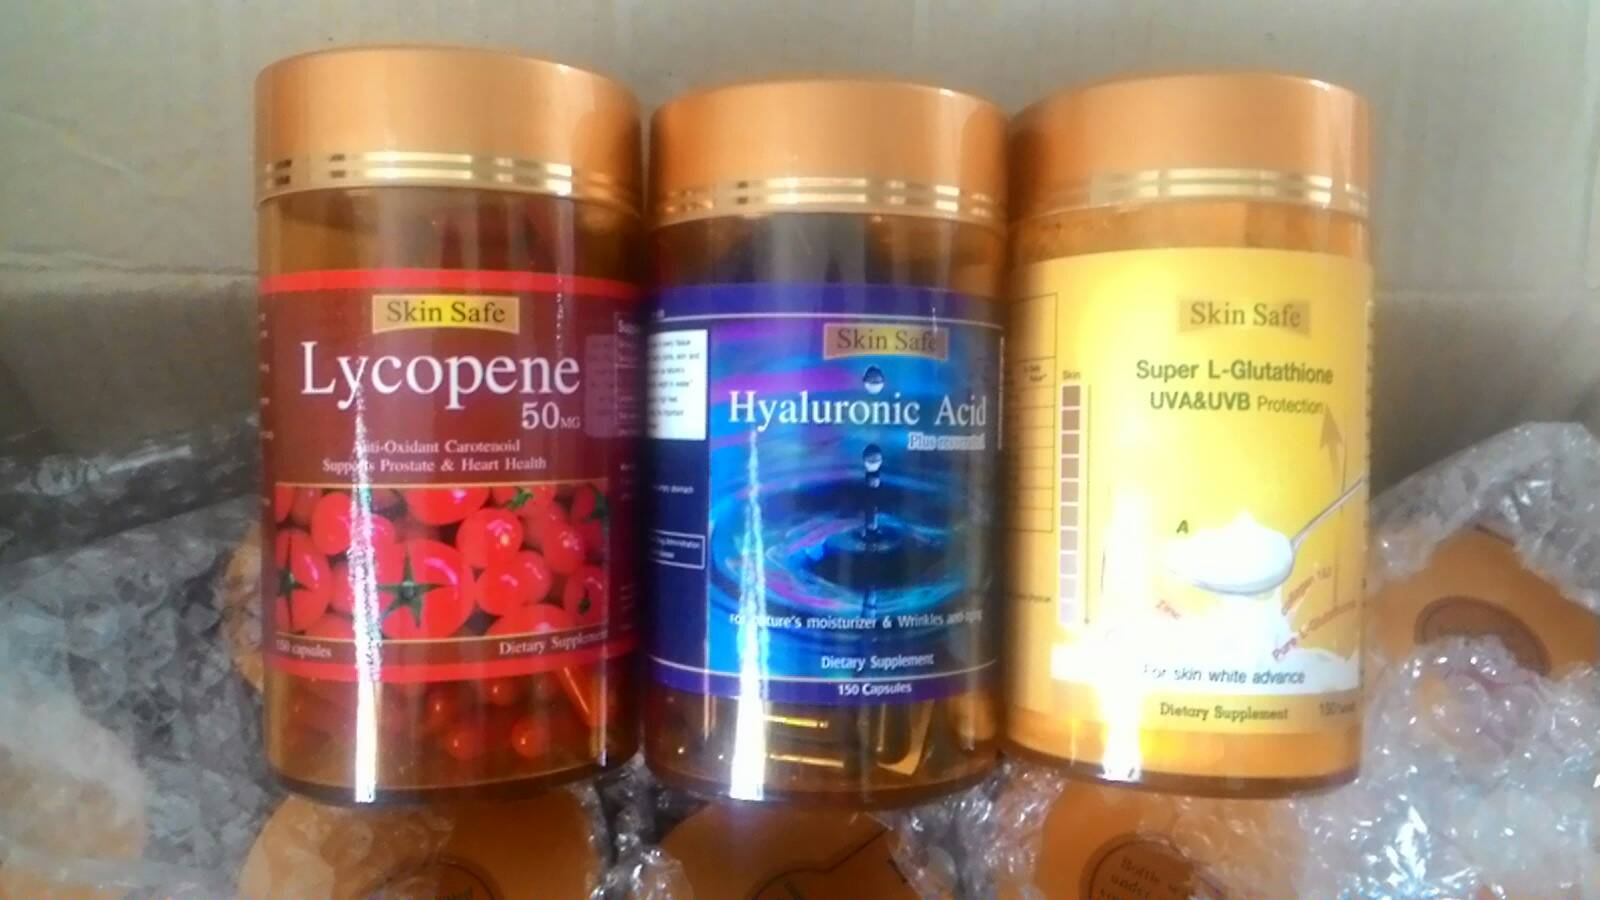 สารสกัดมะเขือเทศ1ปุก 150 เม็ด +ไฮยาลูรอน 1ปุก 150 เม็ด + กลูต้าไธโอน 1ปุก 150 เม็ด